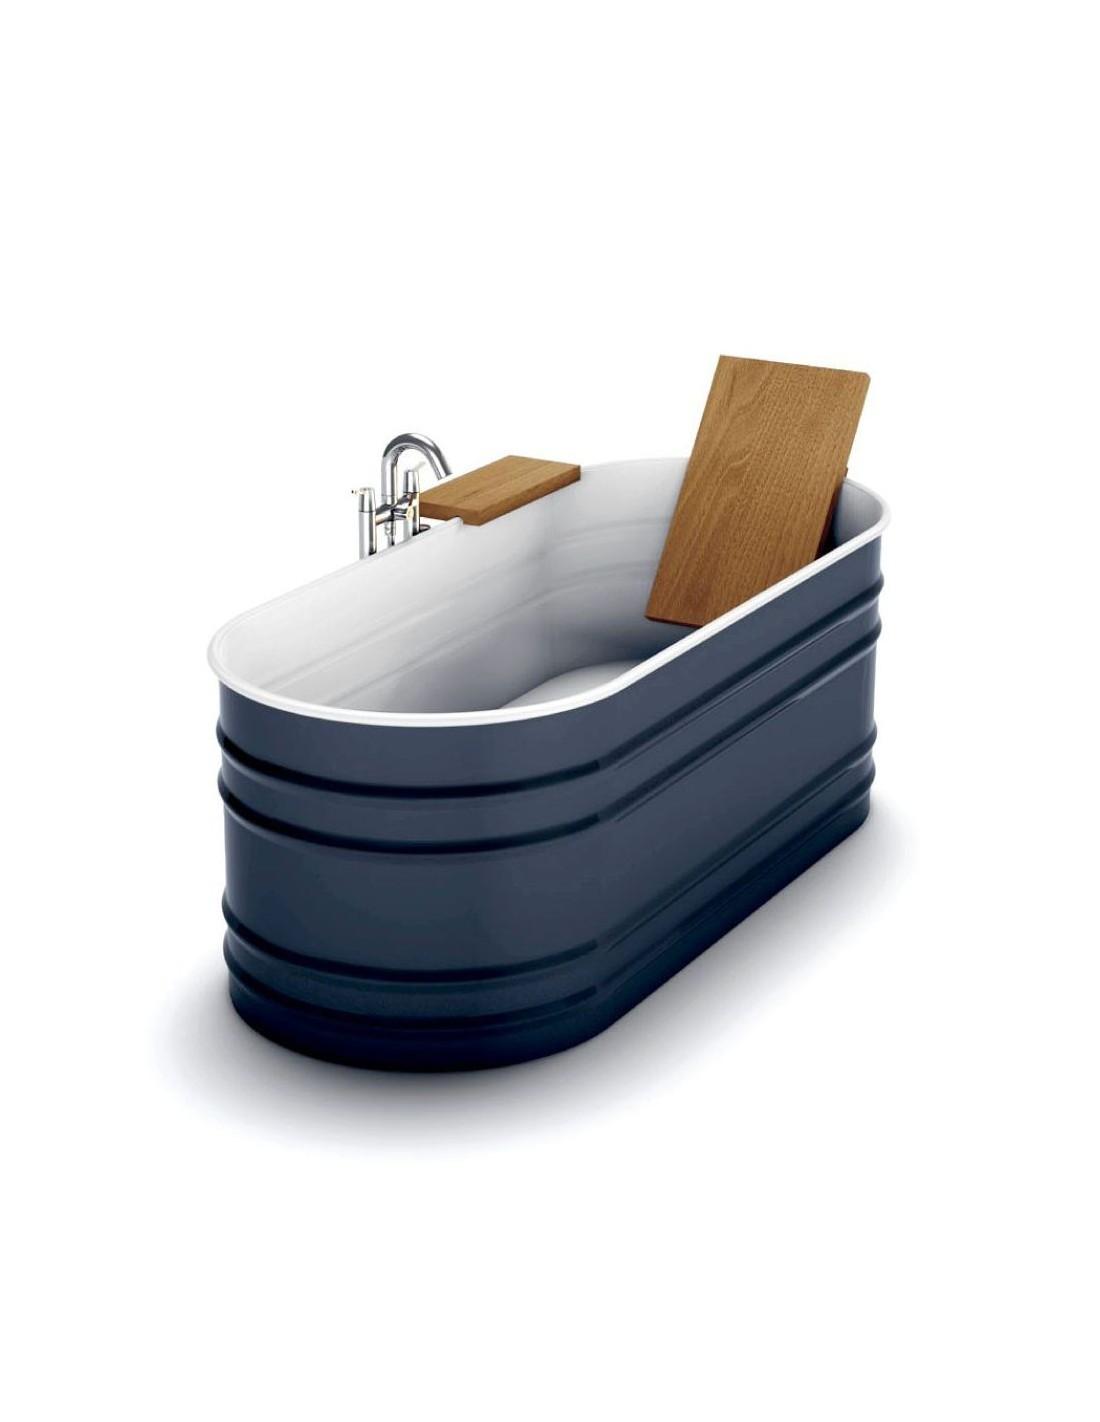 Dossier pour baignoire vieques Baignoire marque